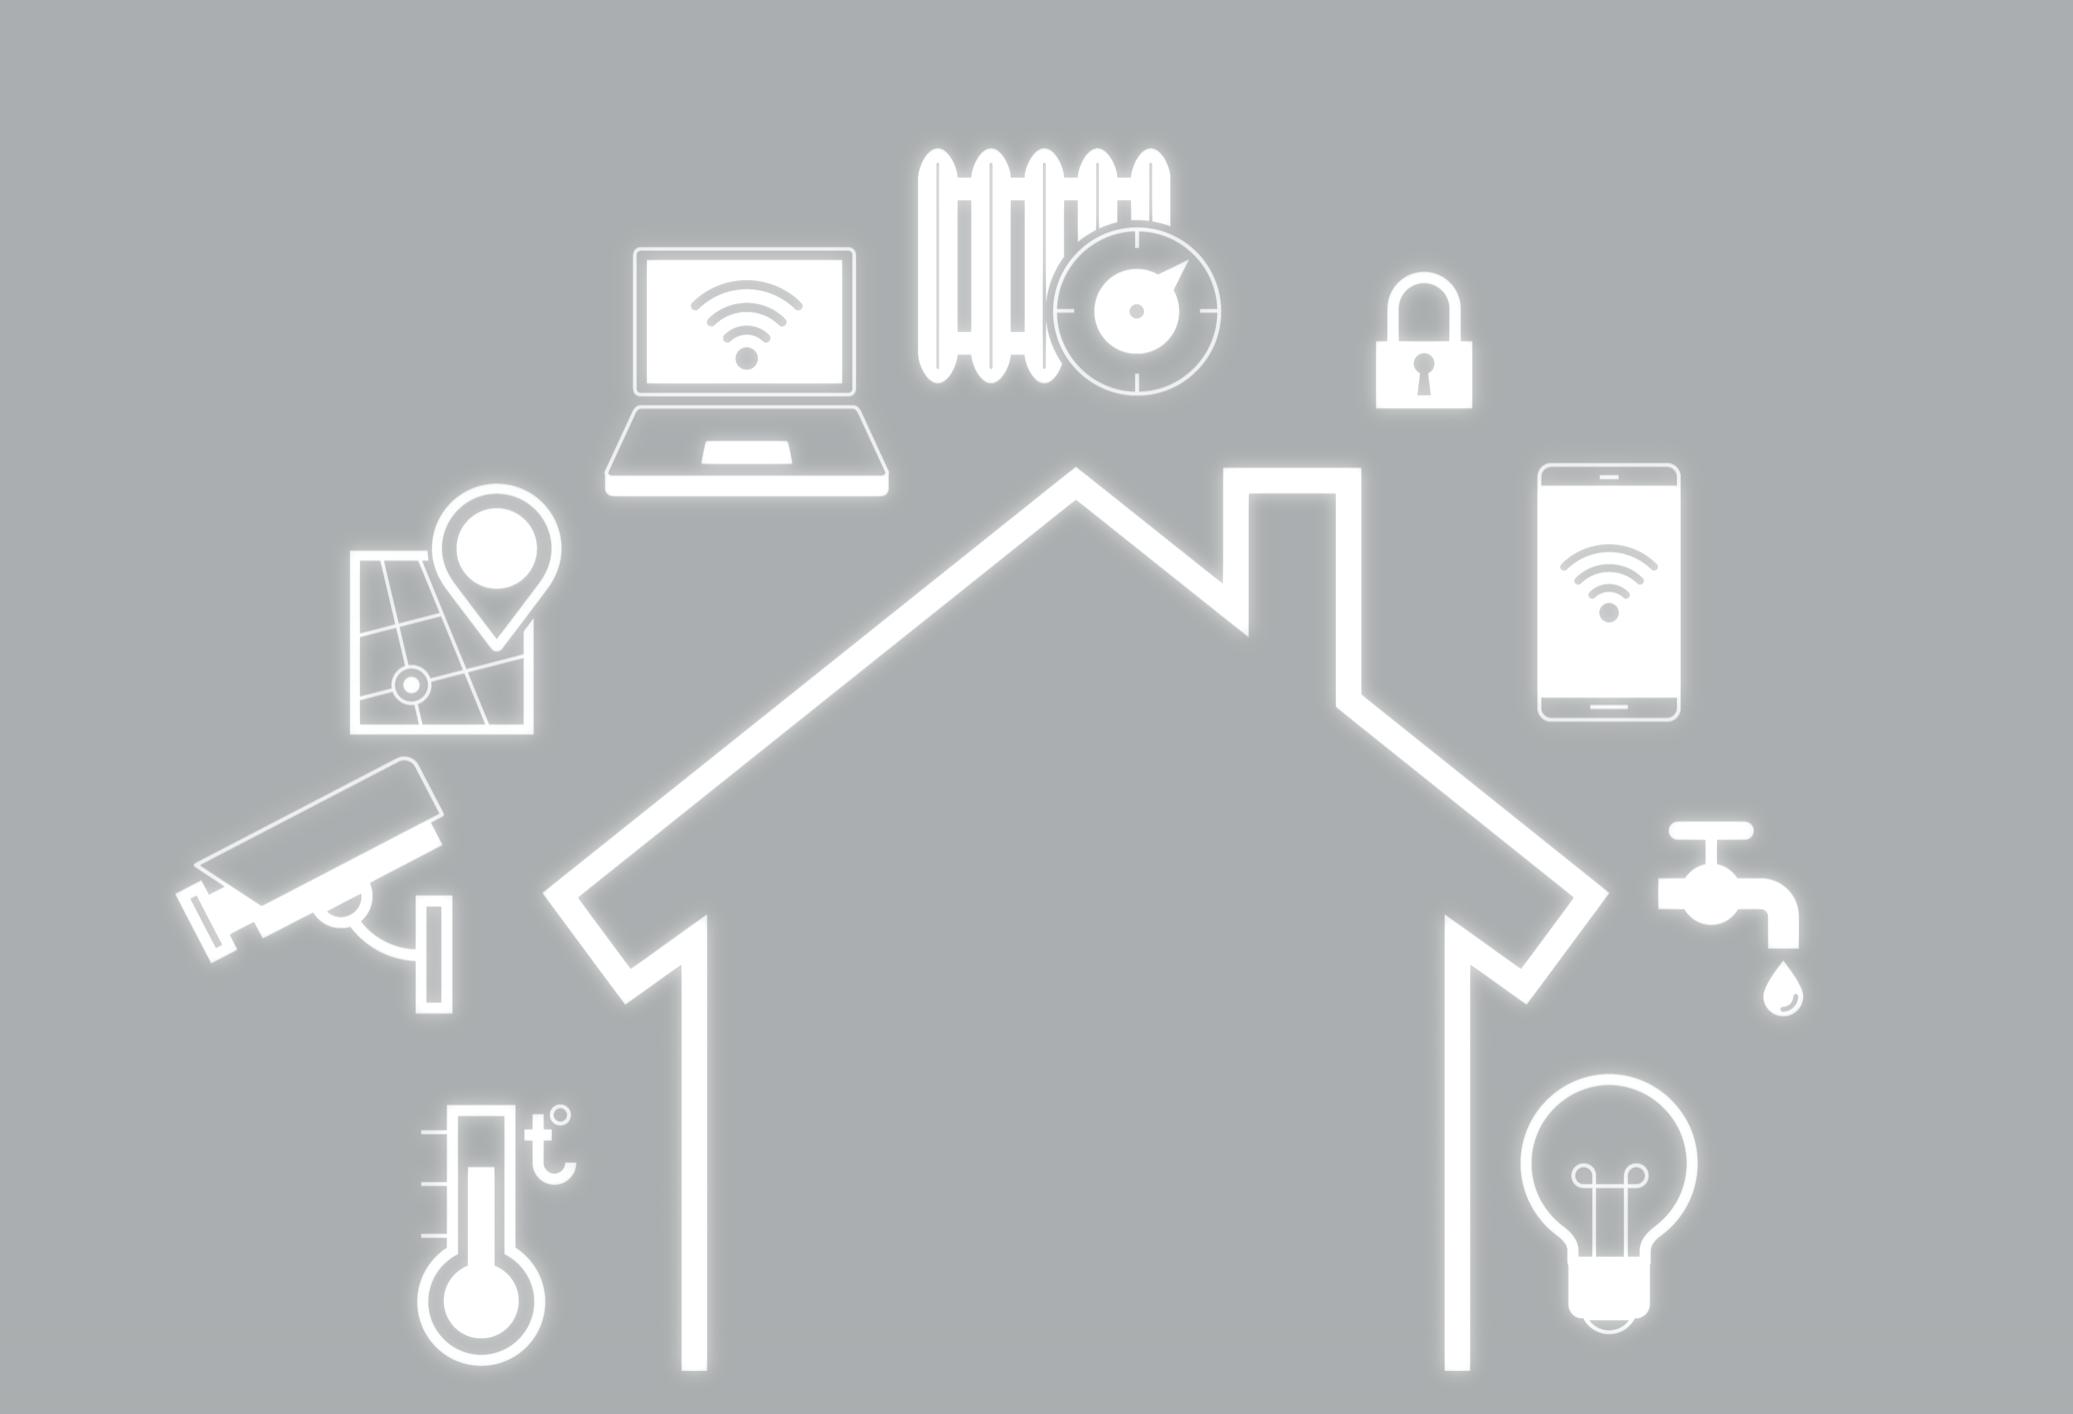 Protection de pointe qui évolue selon vos besoins - SC-Sécurité vous offre un système de sécurité hybride puissant nécessitant peu d'entretien et très convivial. Il intègre des dispositifs câblés et sans fil pour faire évoluer le système en fonction de vos besoins. Il est possible d'armer et de désarmer le système avec aisance et d'interagir à distance avec le système à l'aide d'une application mobile facile à utiliser.Vous avez un système de sécurité, nous pouvons le mettre à jour et le relier à notre centrale de surveillance.